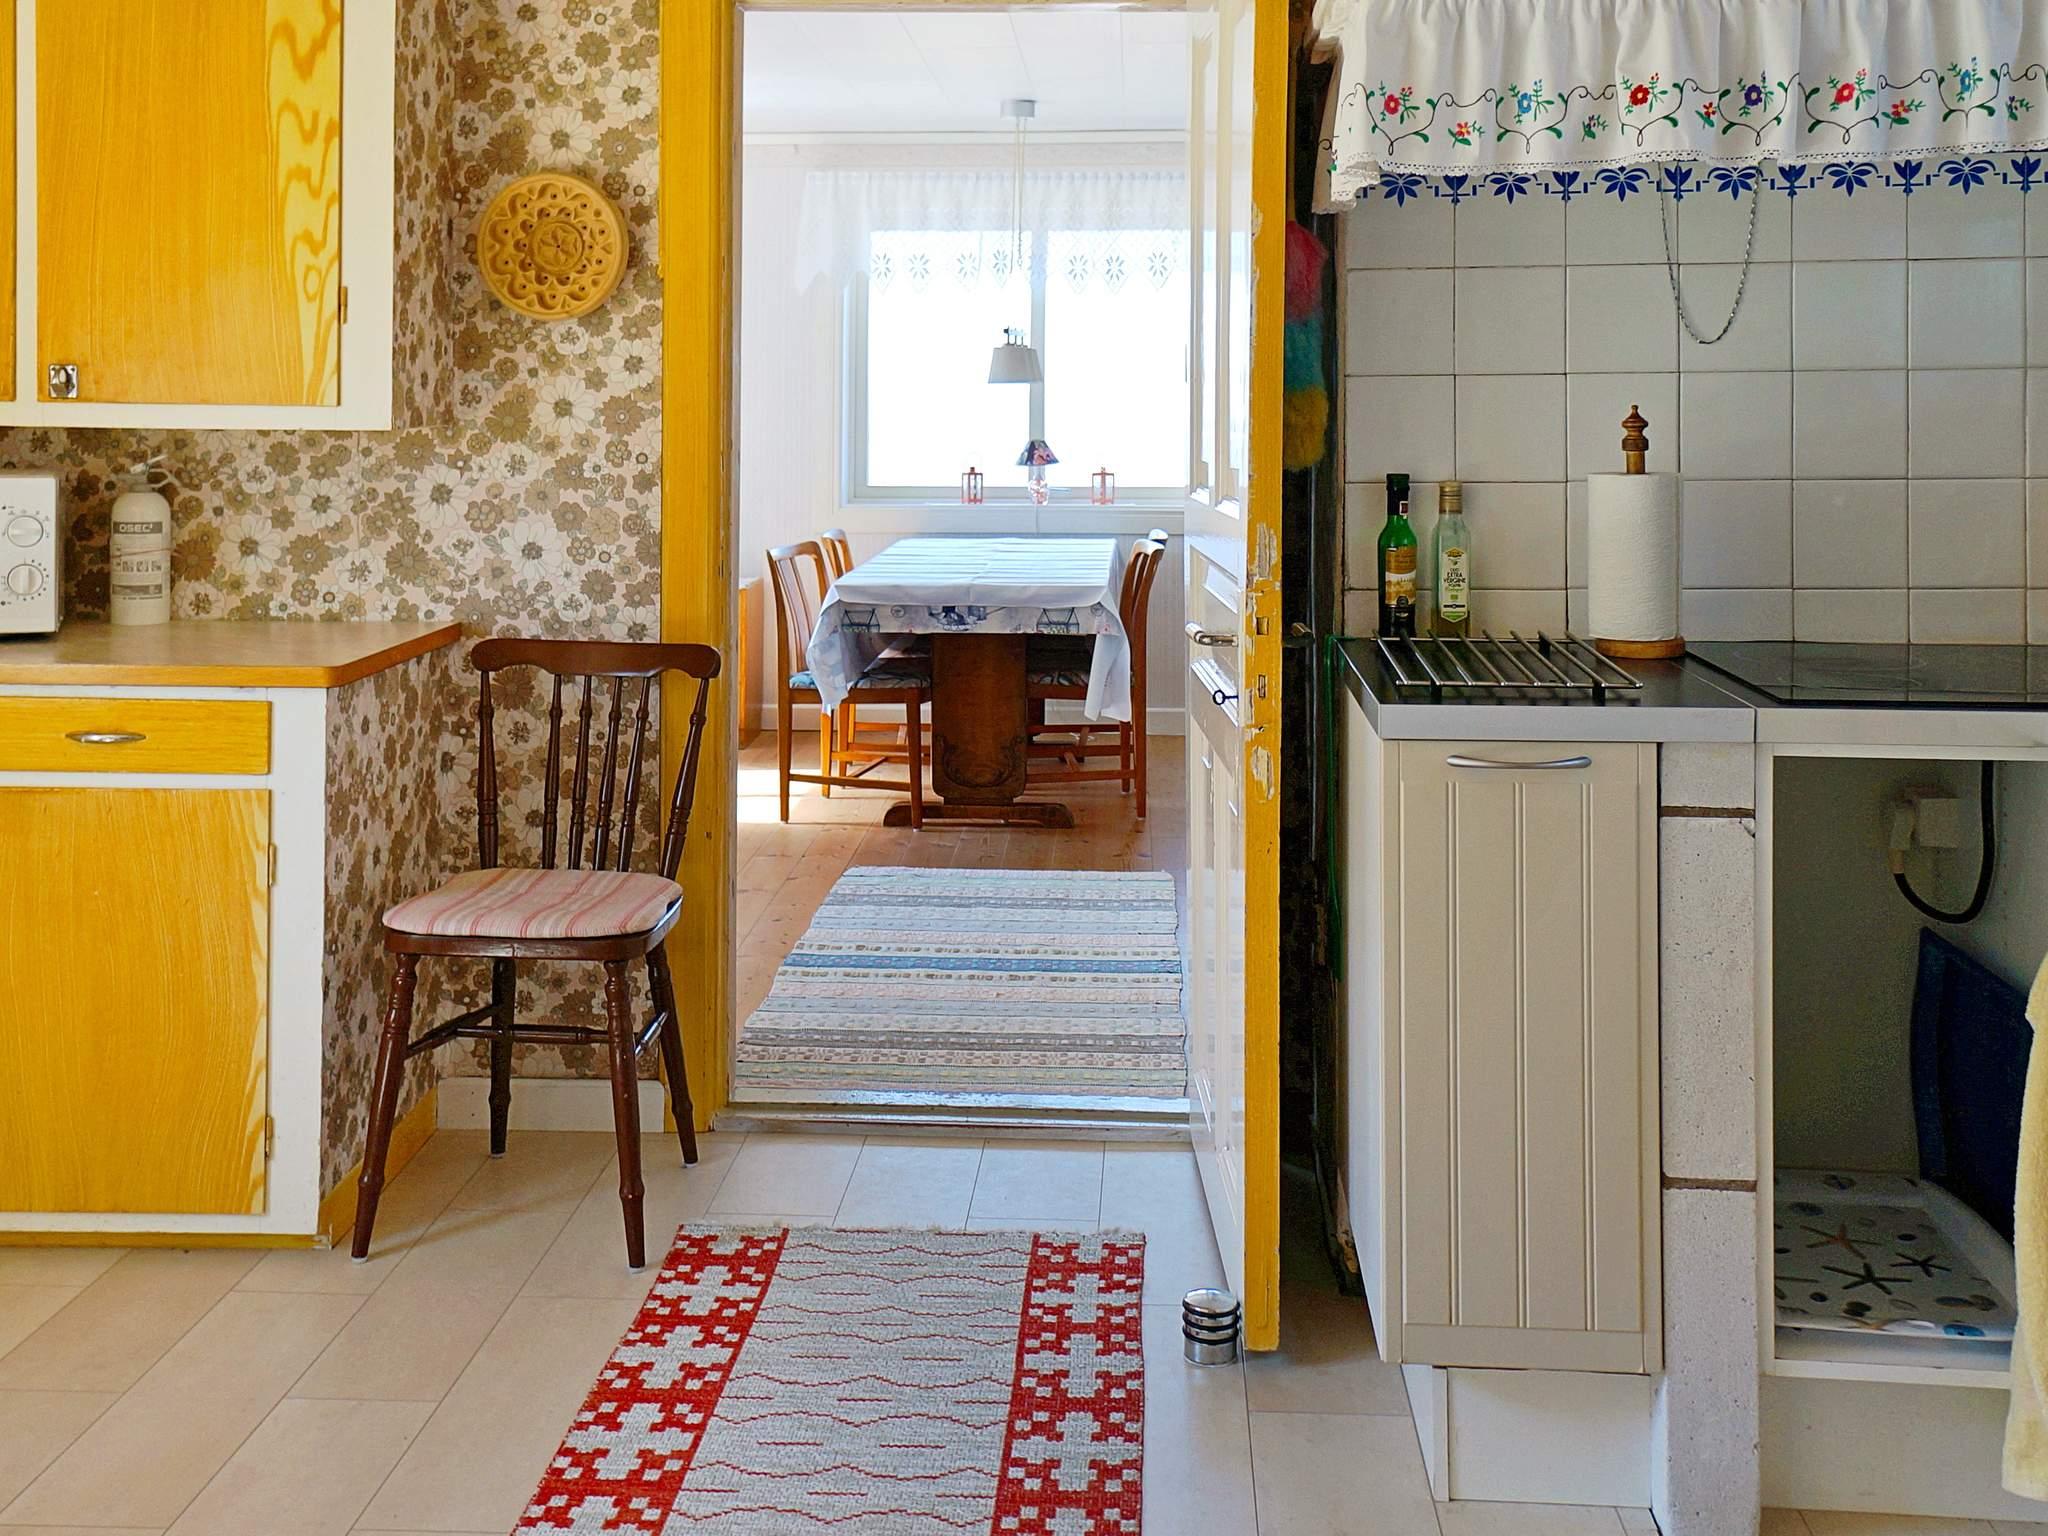 Ferienhaus Tjörn/Klövedal (607202), Klövedal, Tjörn, Westschweden, Schweden, Bild 12